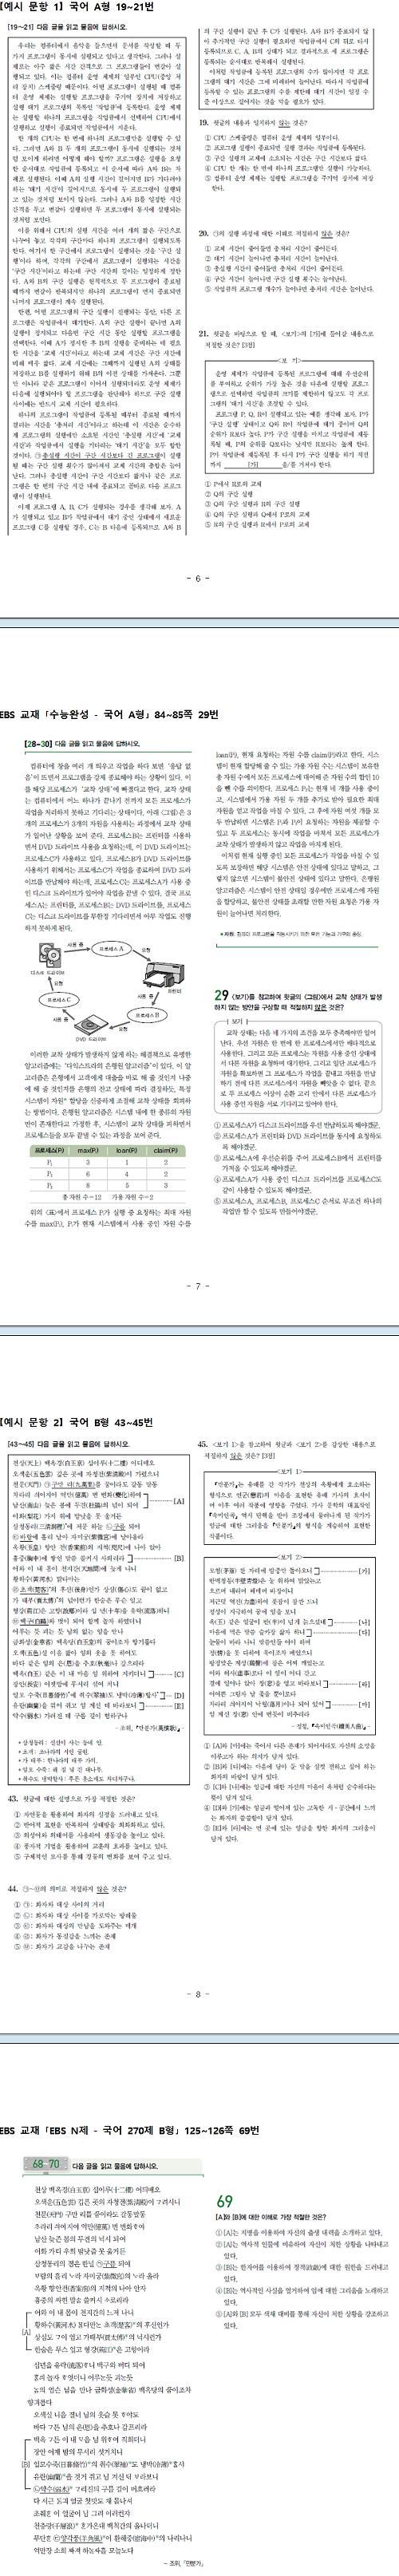 """""""모의평가 국어 추론·비판·창의 사고 활용 문항 중점 출제"""""""